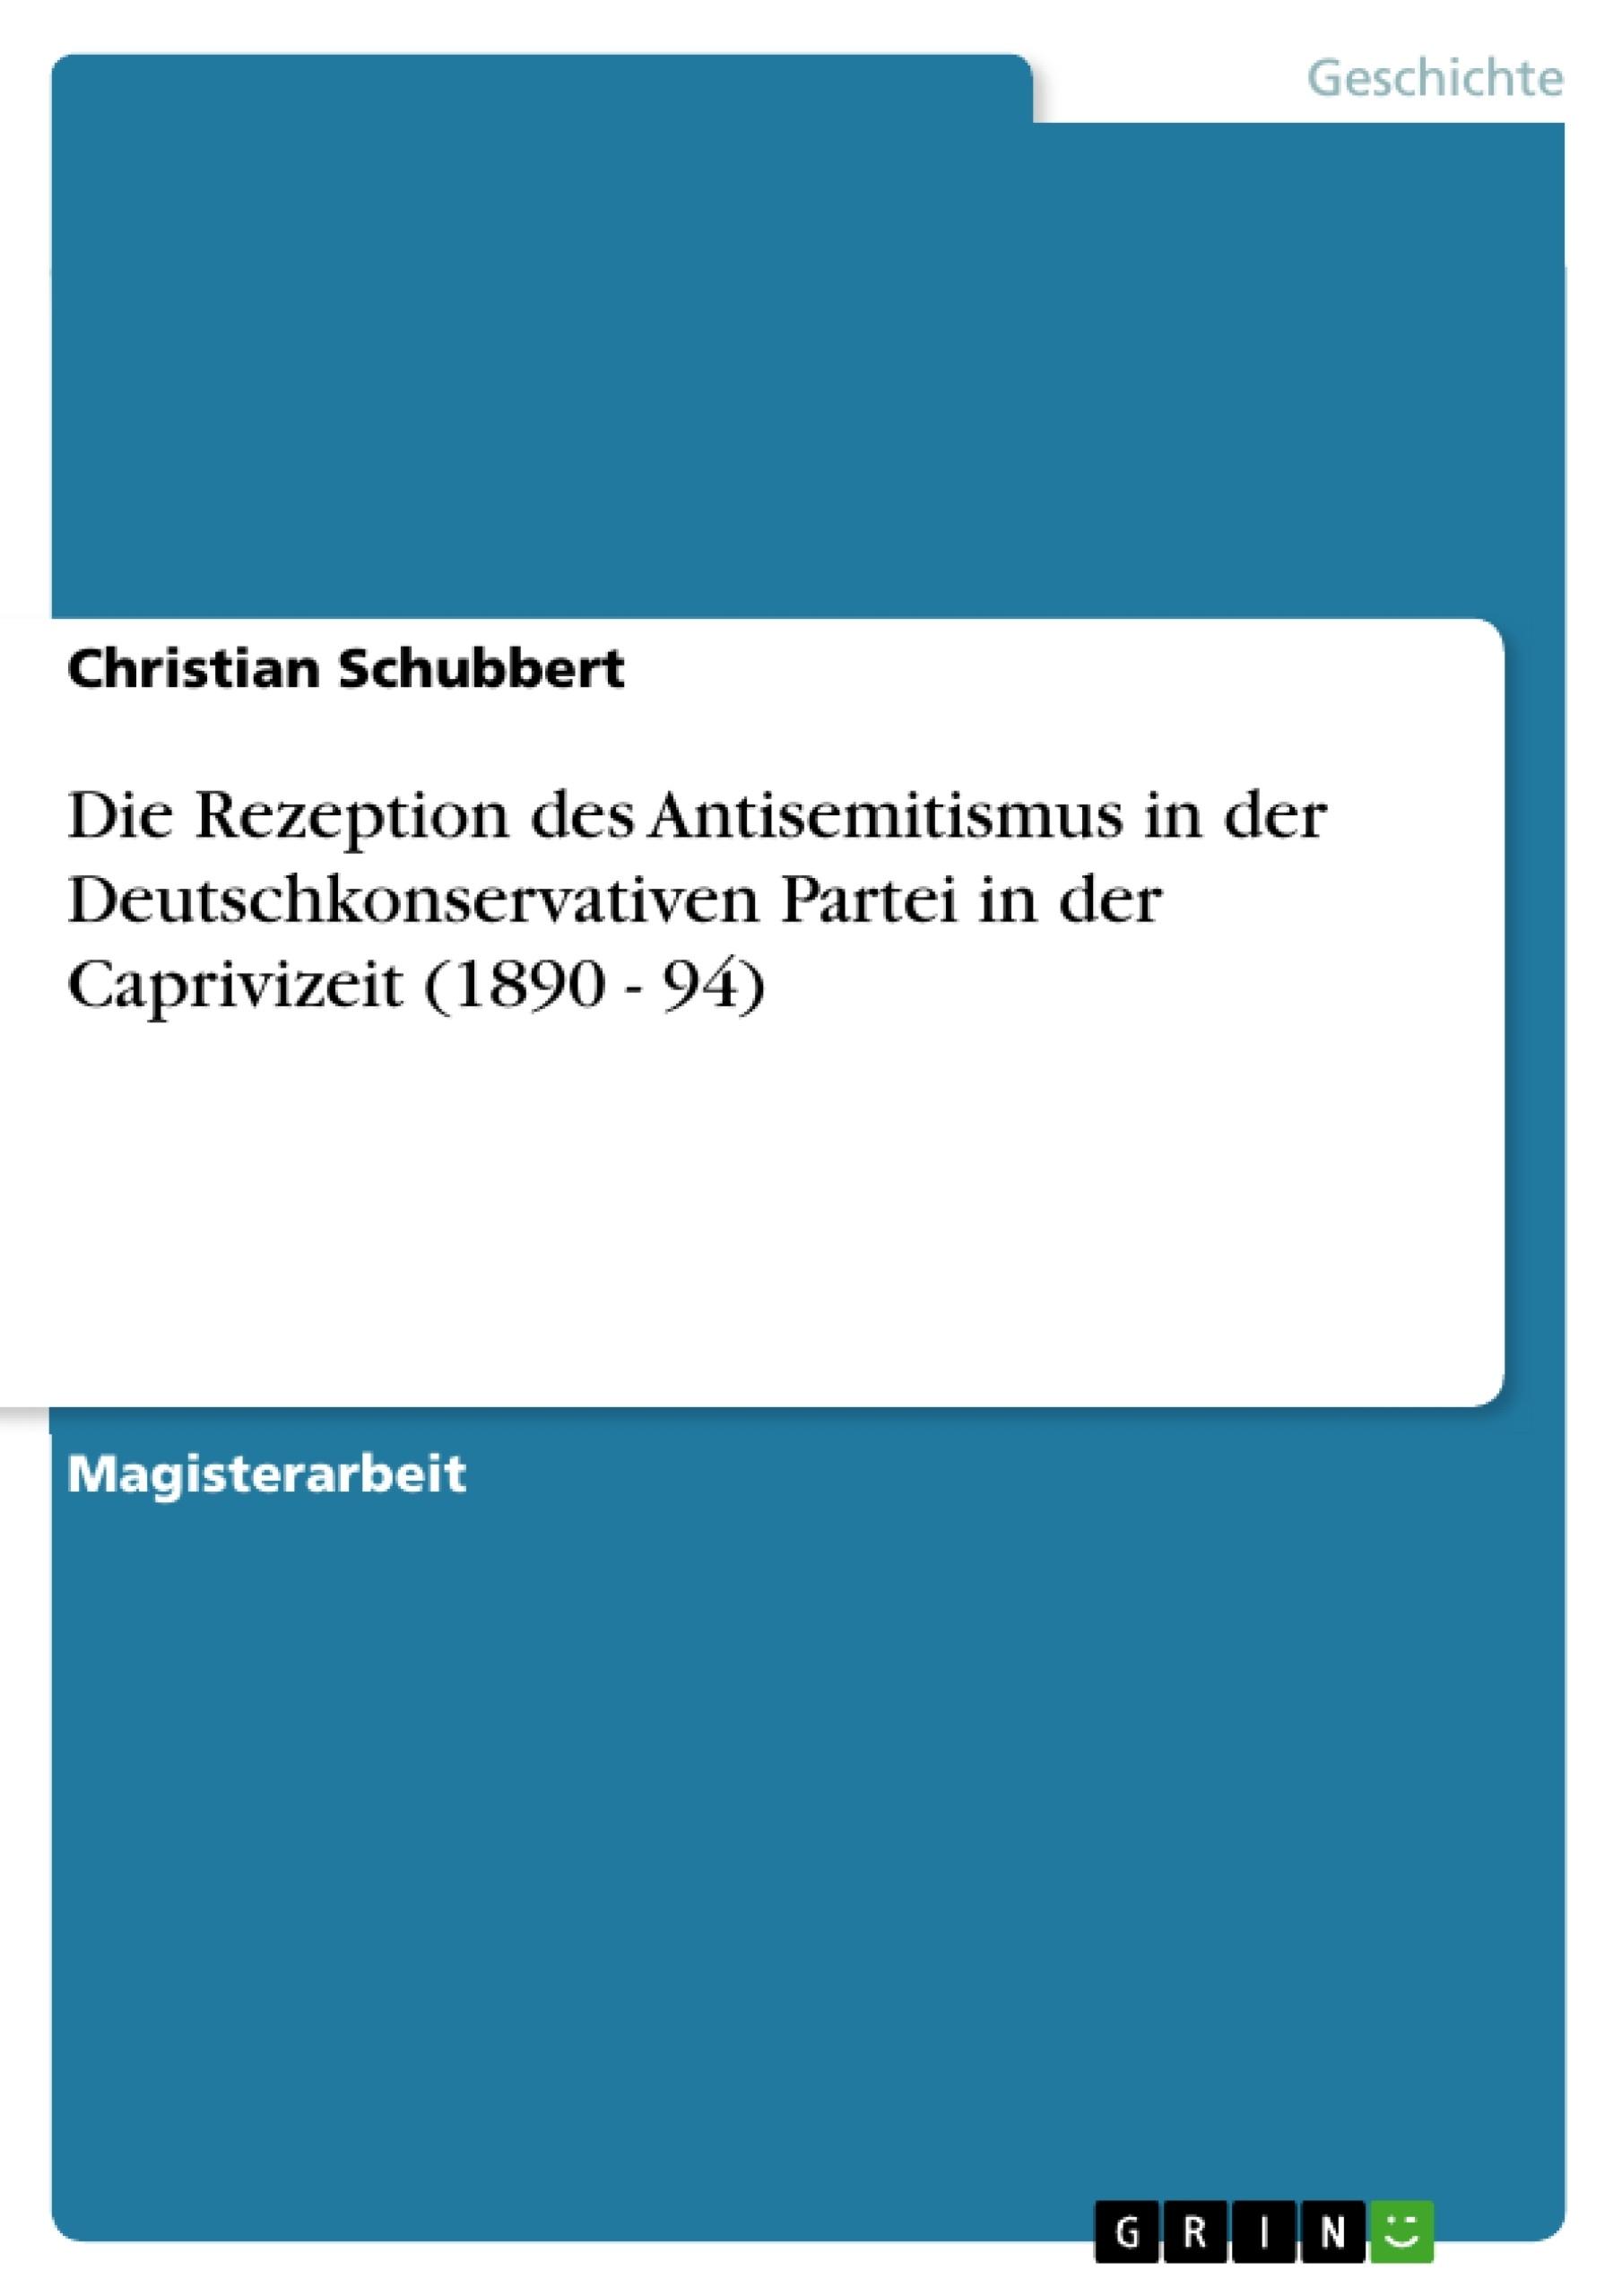 Titel: Die Rezeption des Antisemitismus  in der Deutschkonservativen Partei in der Caprivizeit (1890 - 94)